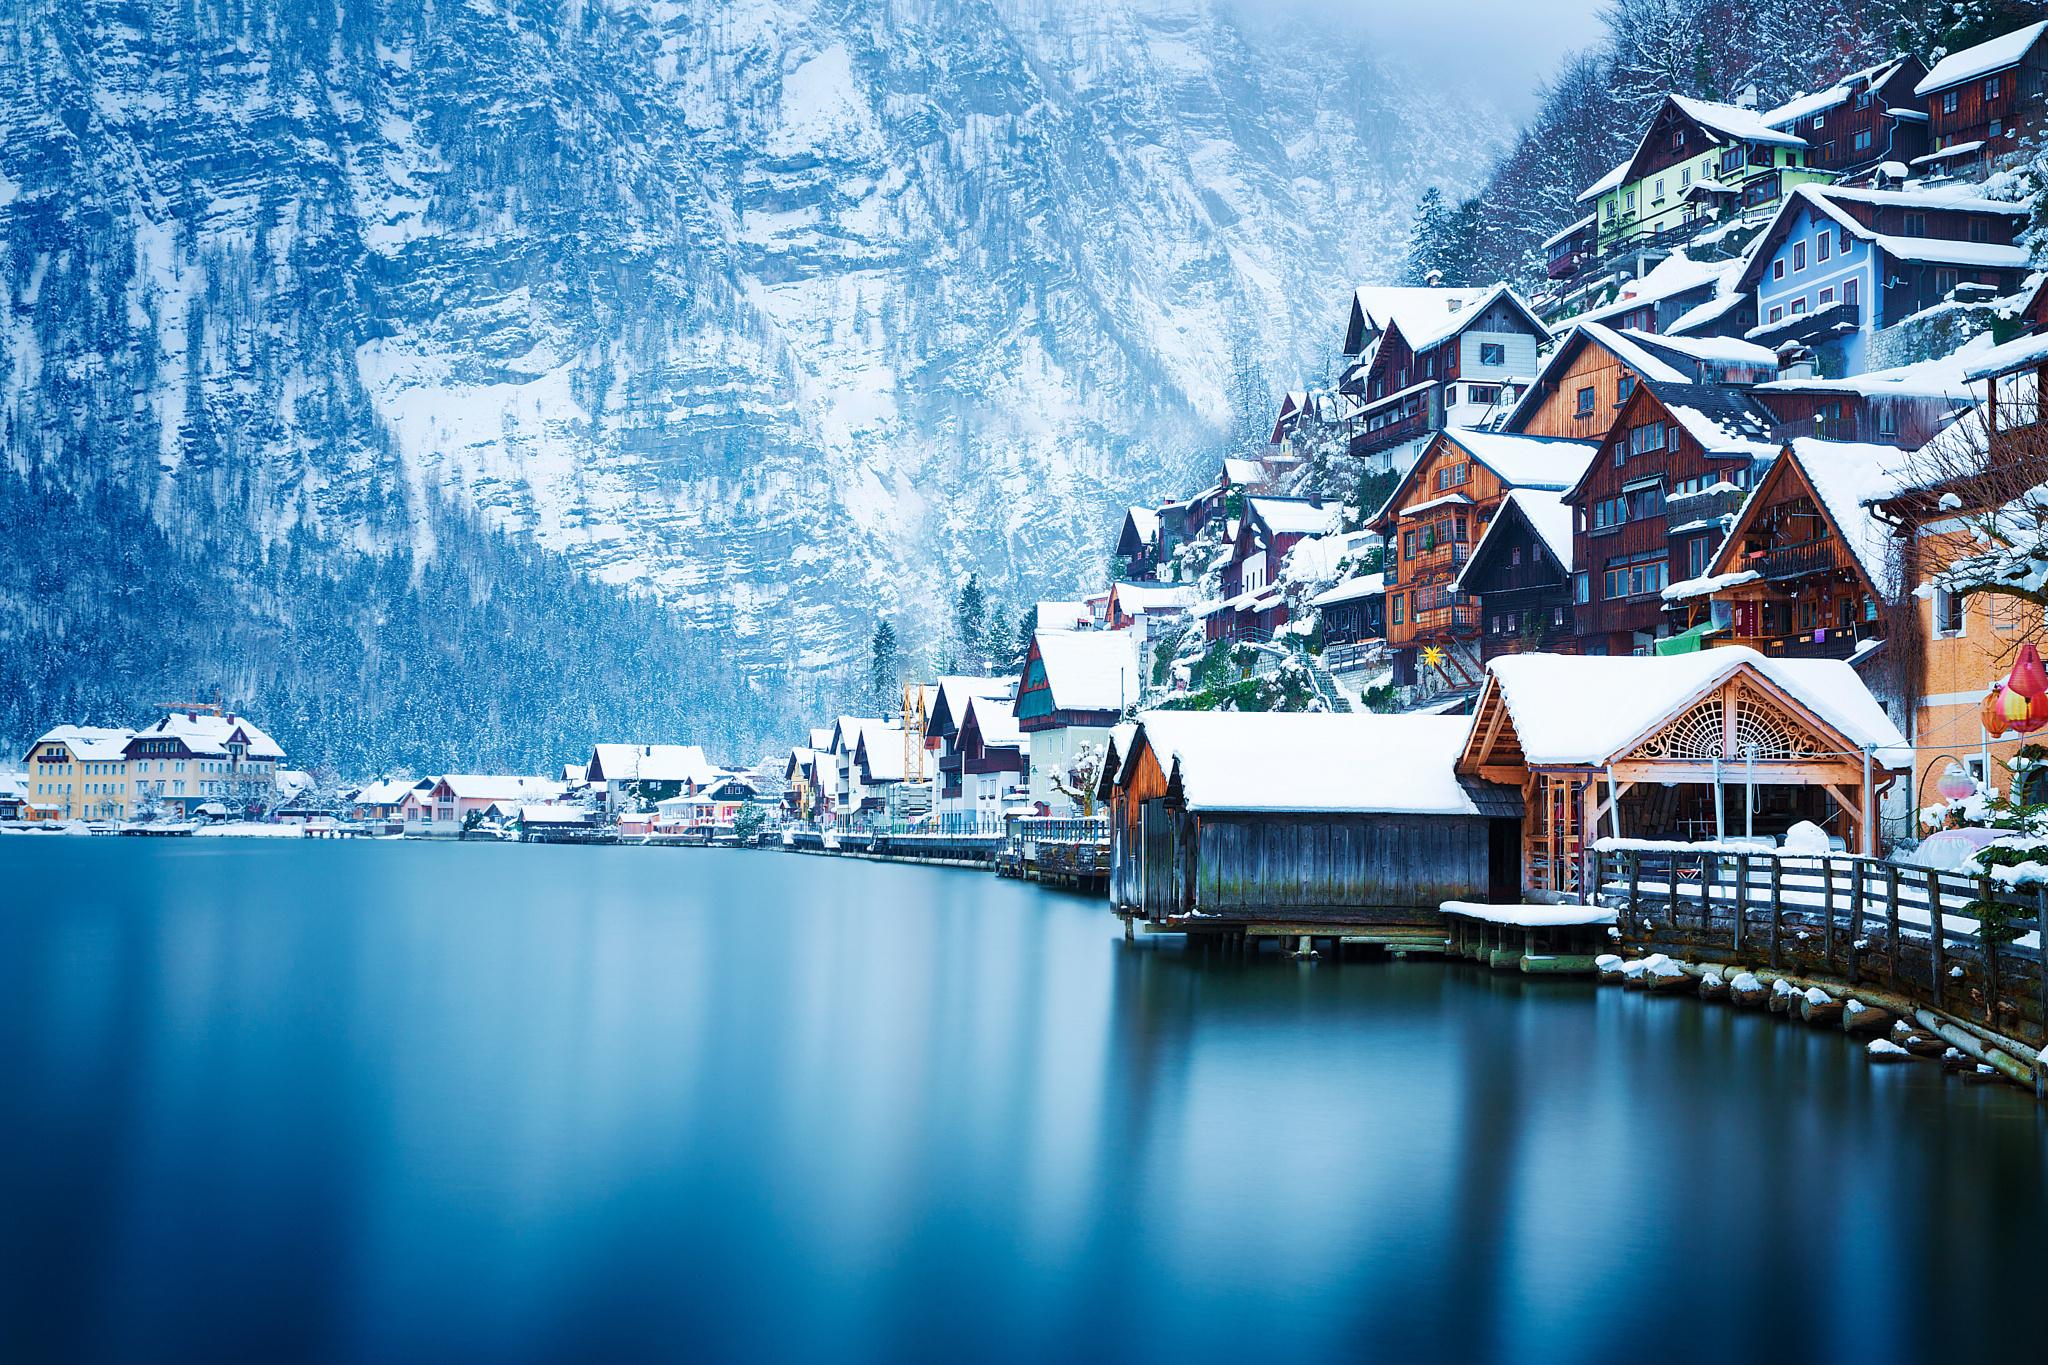 австрия горы обои на рабочий стол № 546398 бесплатно